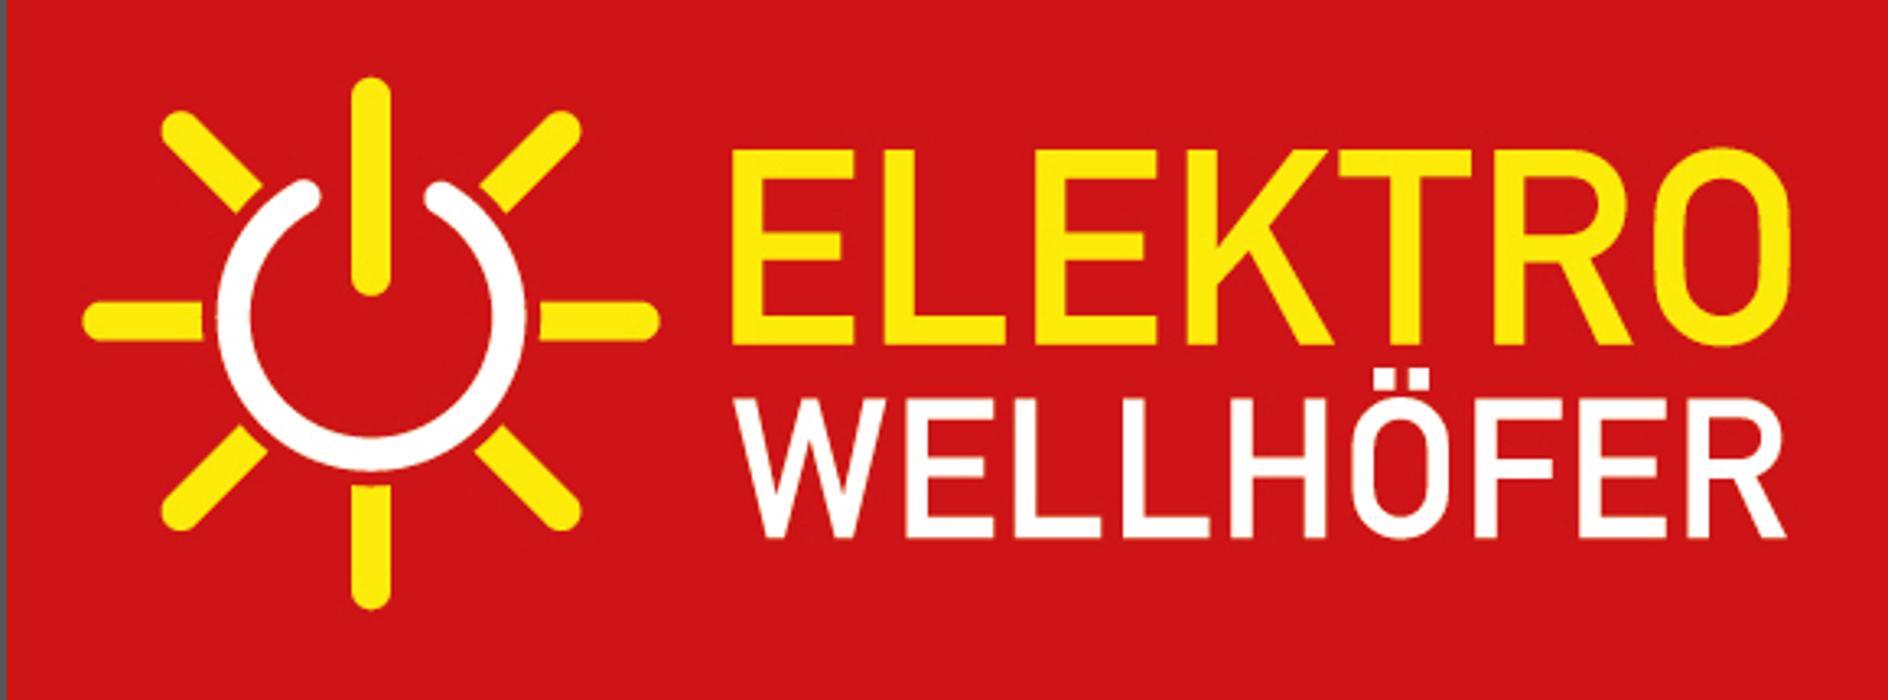 Bild zu Elektro-Wellhöfer GmbH in Mannheim